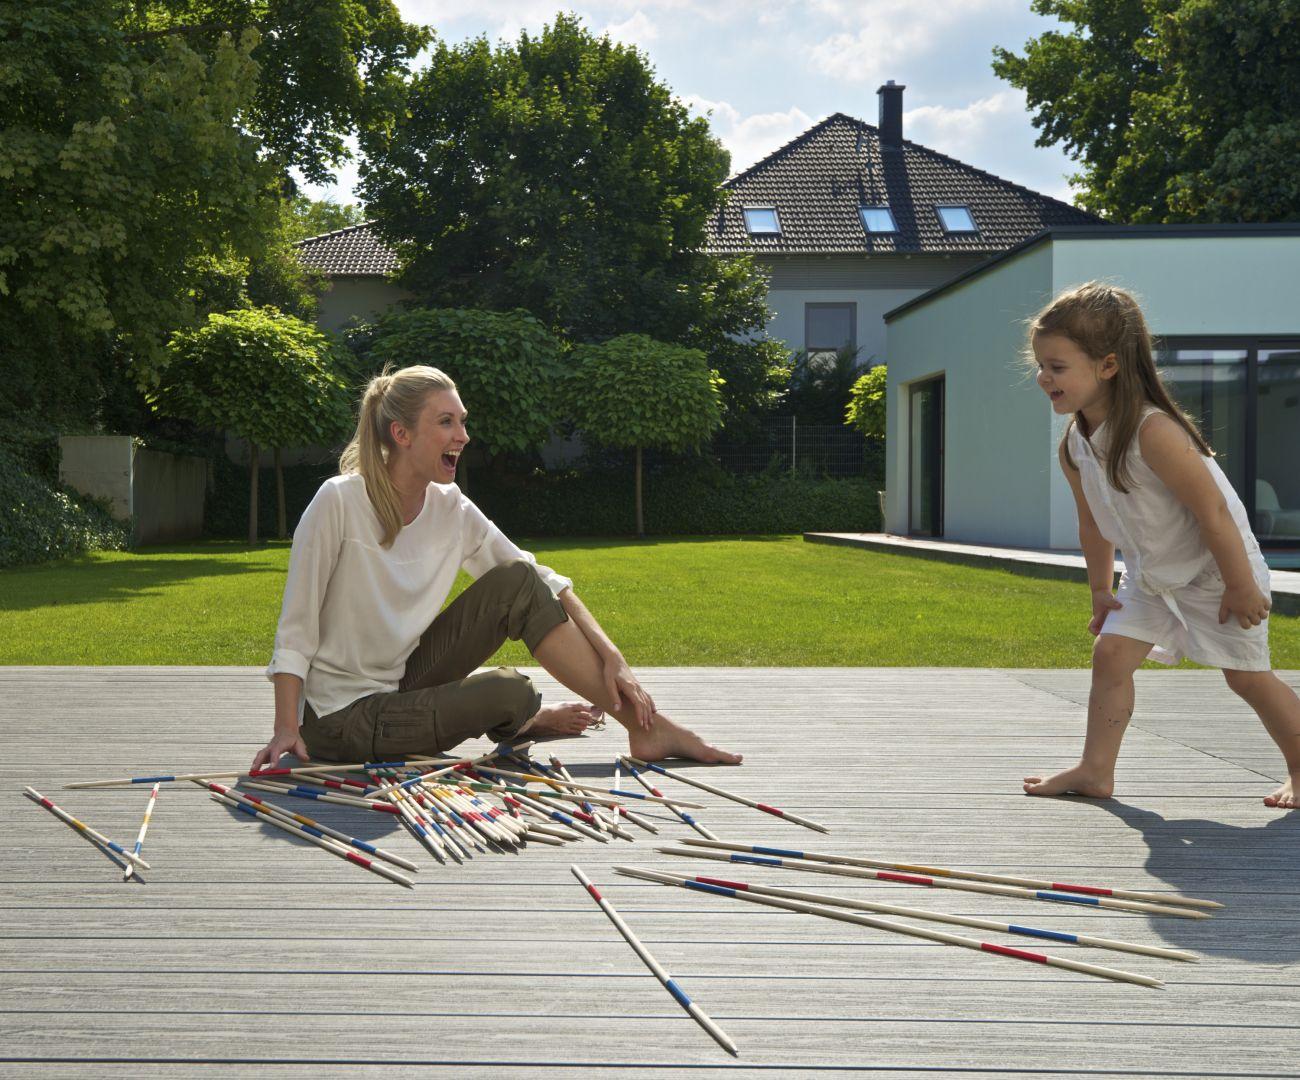 Drewno z pewnością będzie przemyślanym wyborem do tworzenia odpowiedniego otoczenia dla przyszłych pokoleń .Fot. JAF Polska